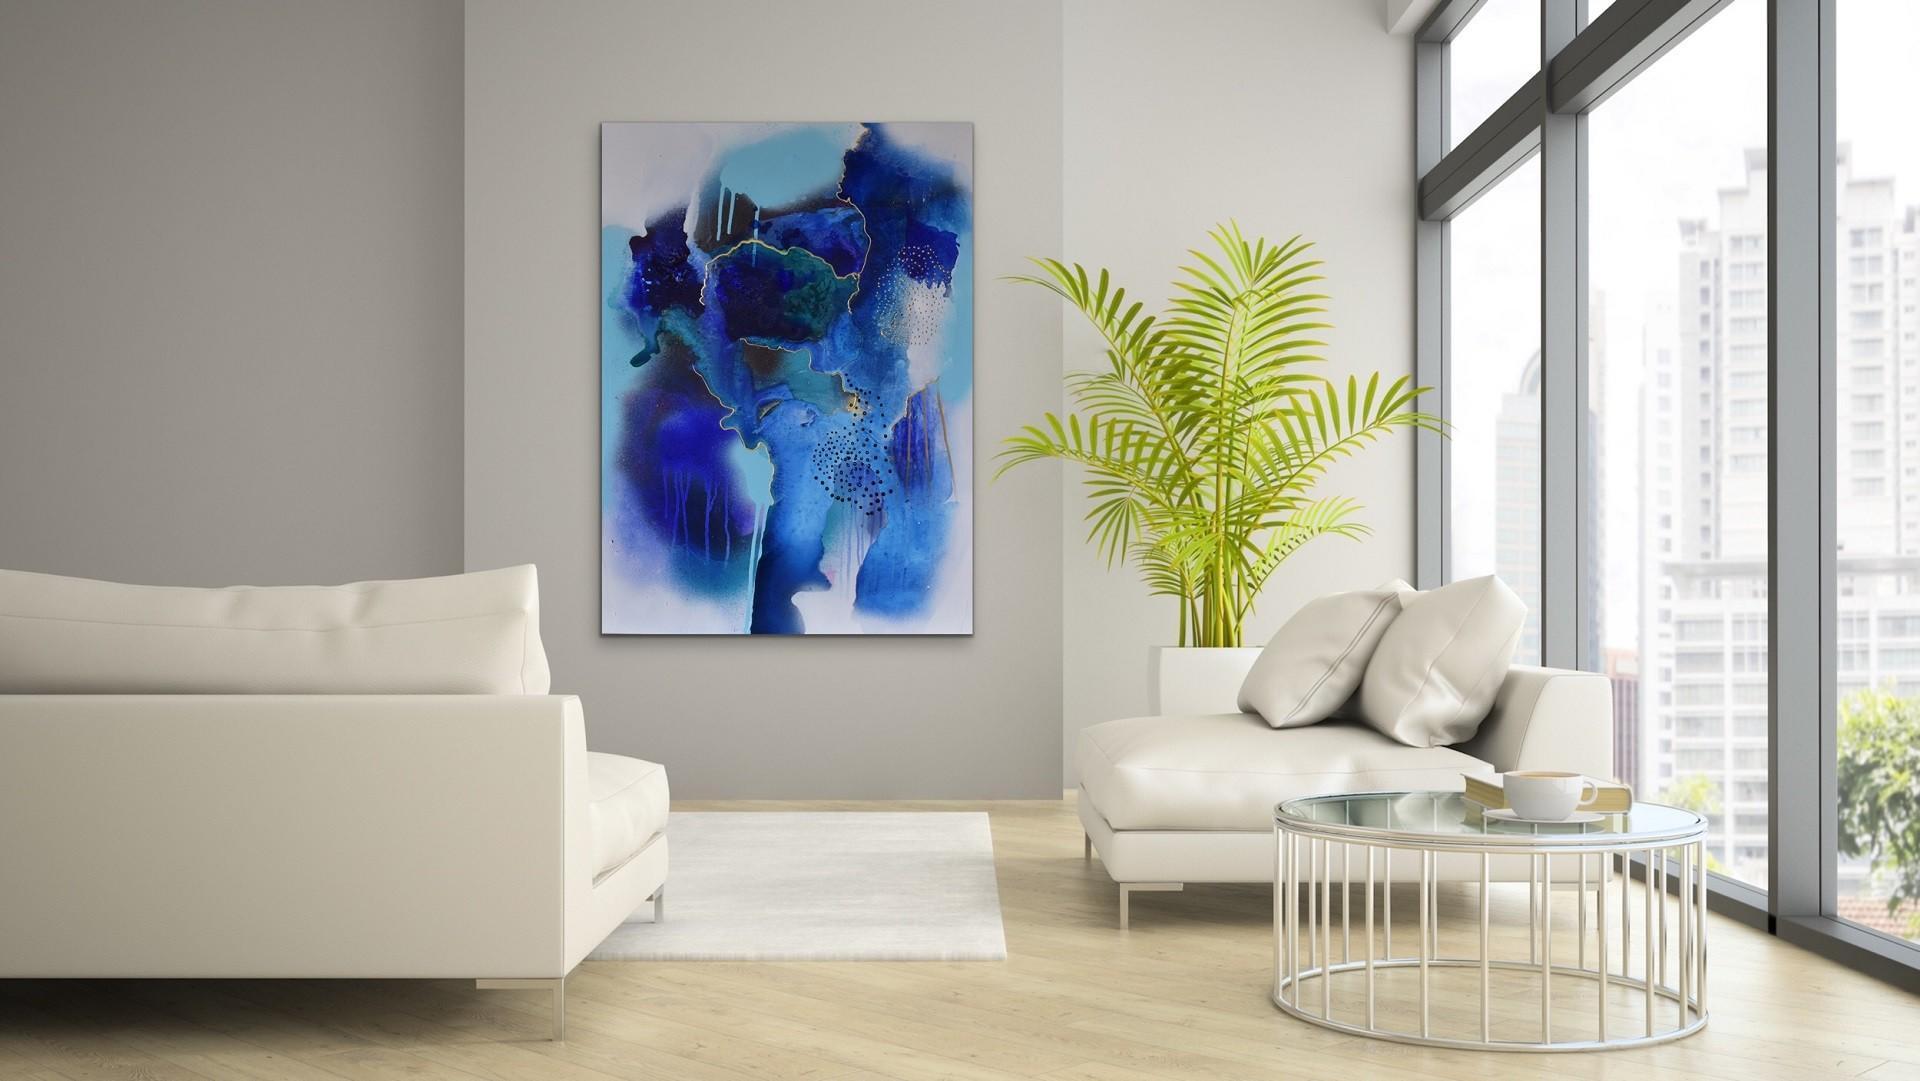 Maleri i blåtoner på vegg